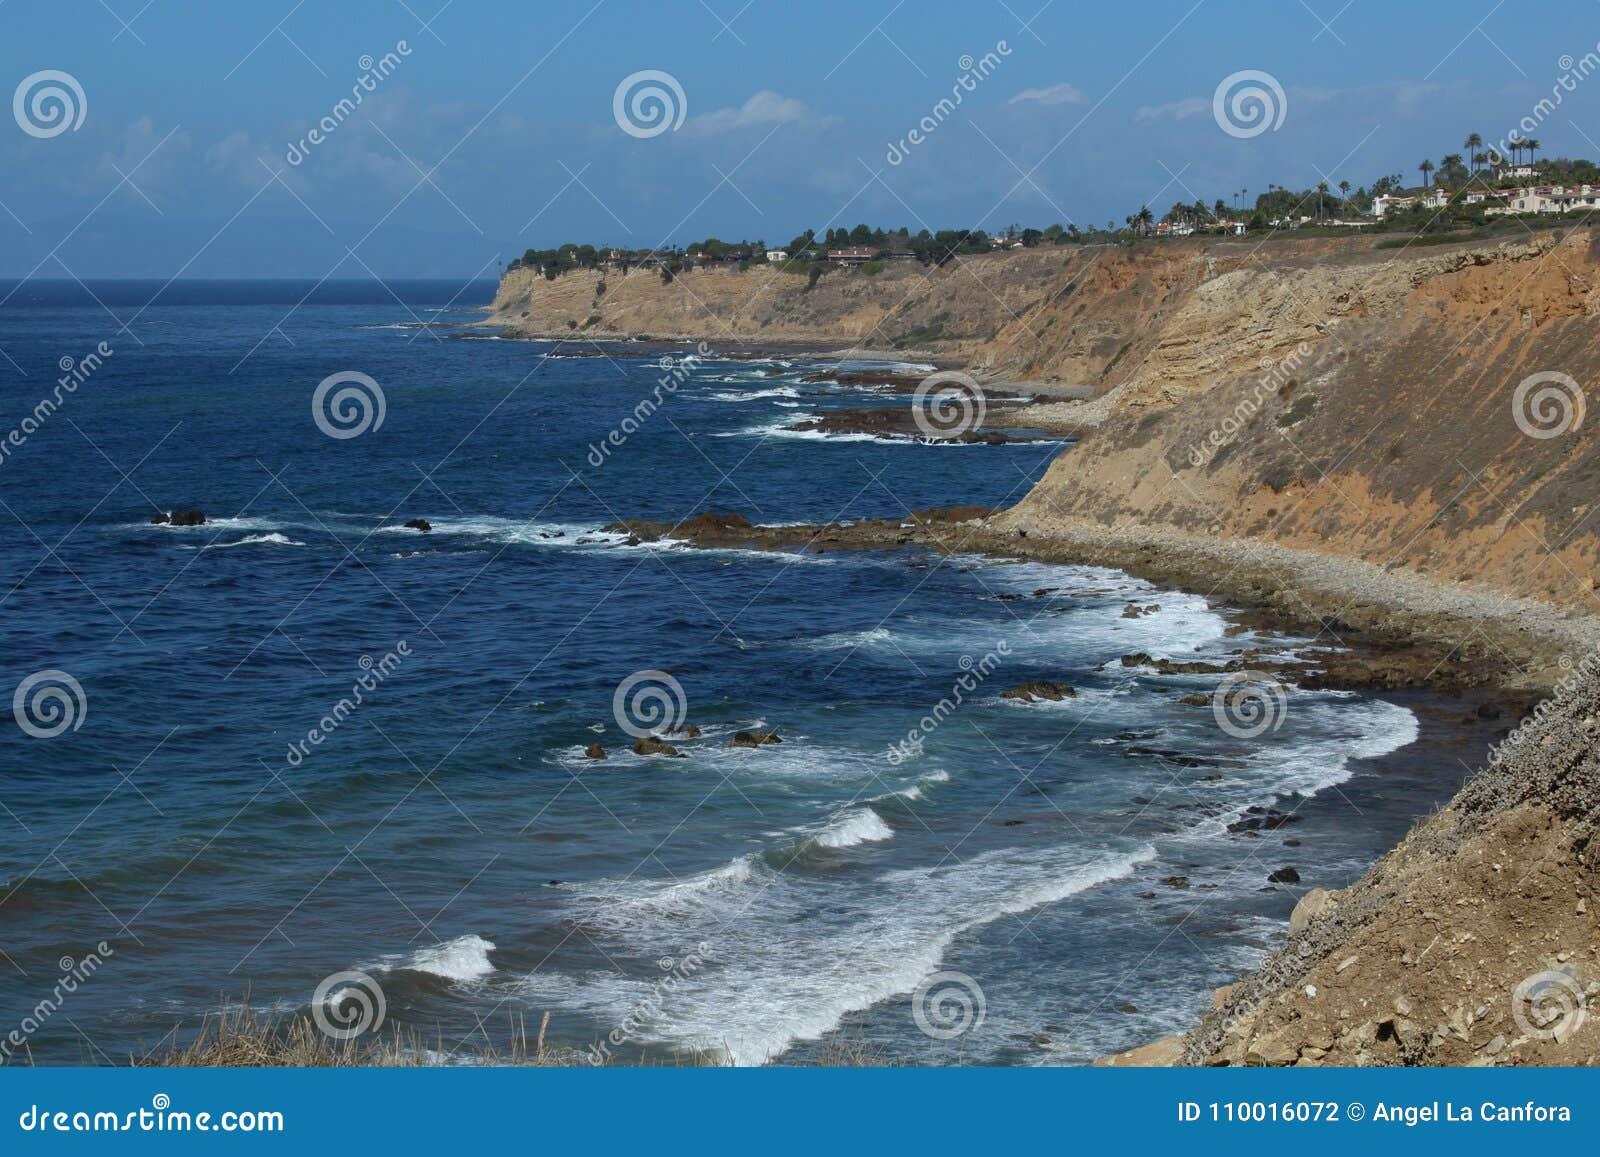 Schöne Landschaft der Palos Verdes Peninsula-Küste in Los Angeles, Kalifornien